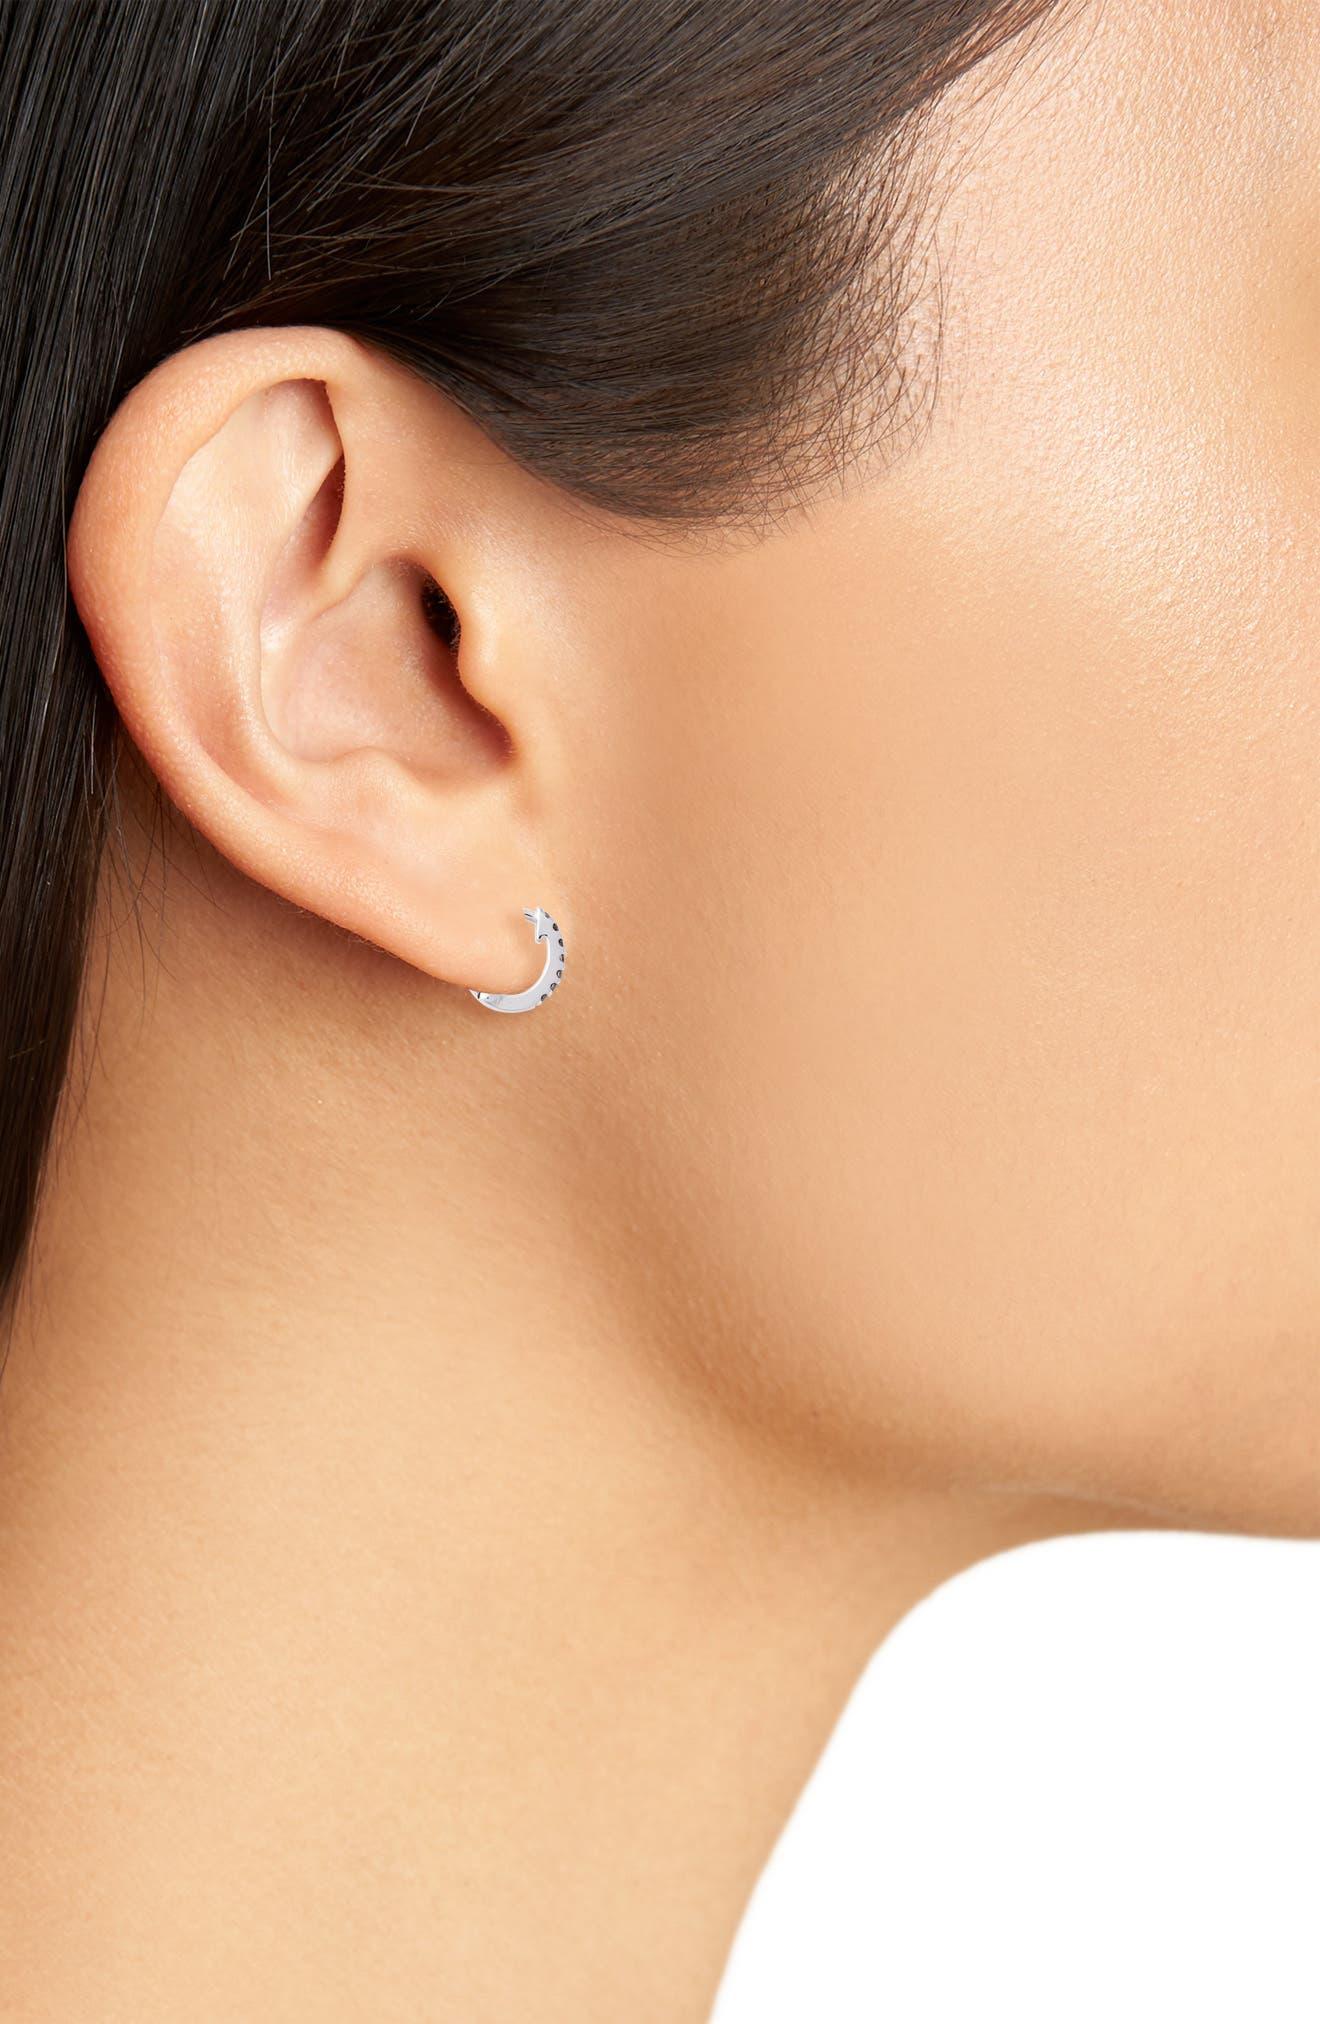 Mini Black Diamond Earrings,                             Alternate thumbnail 2, color,                             White Gold/ Black Diamond